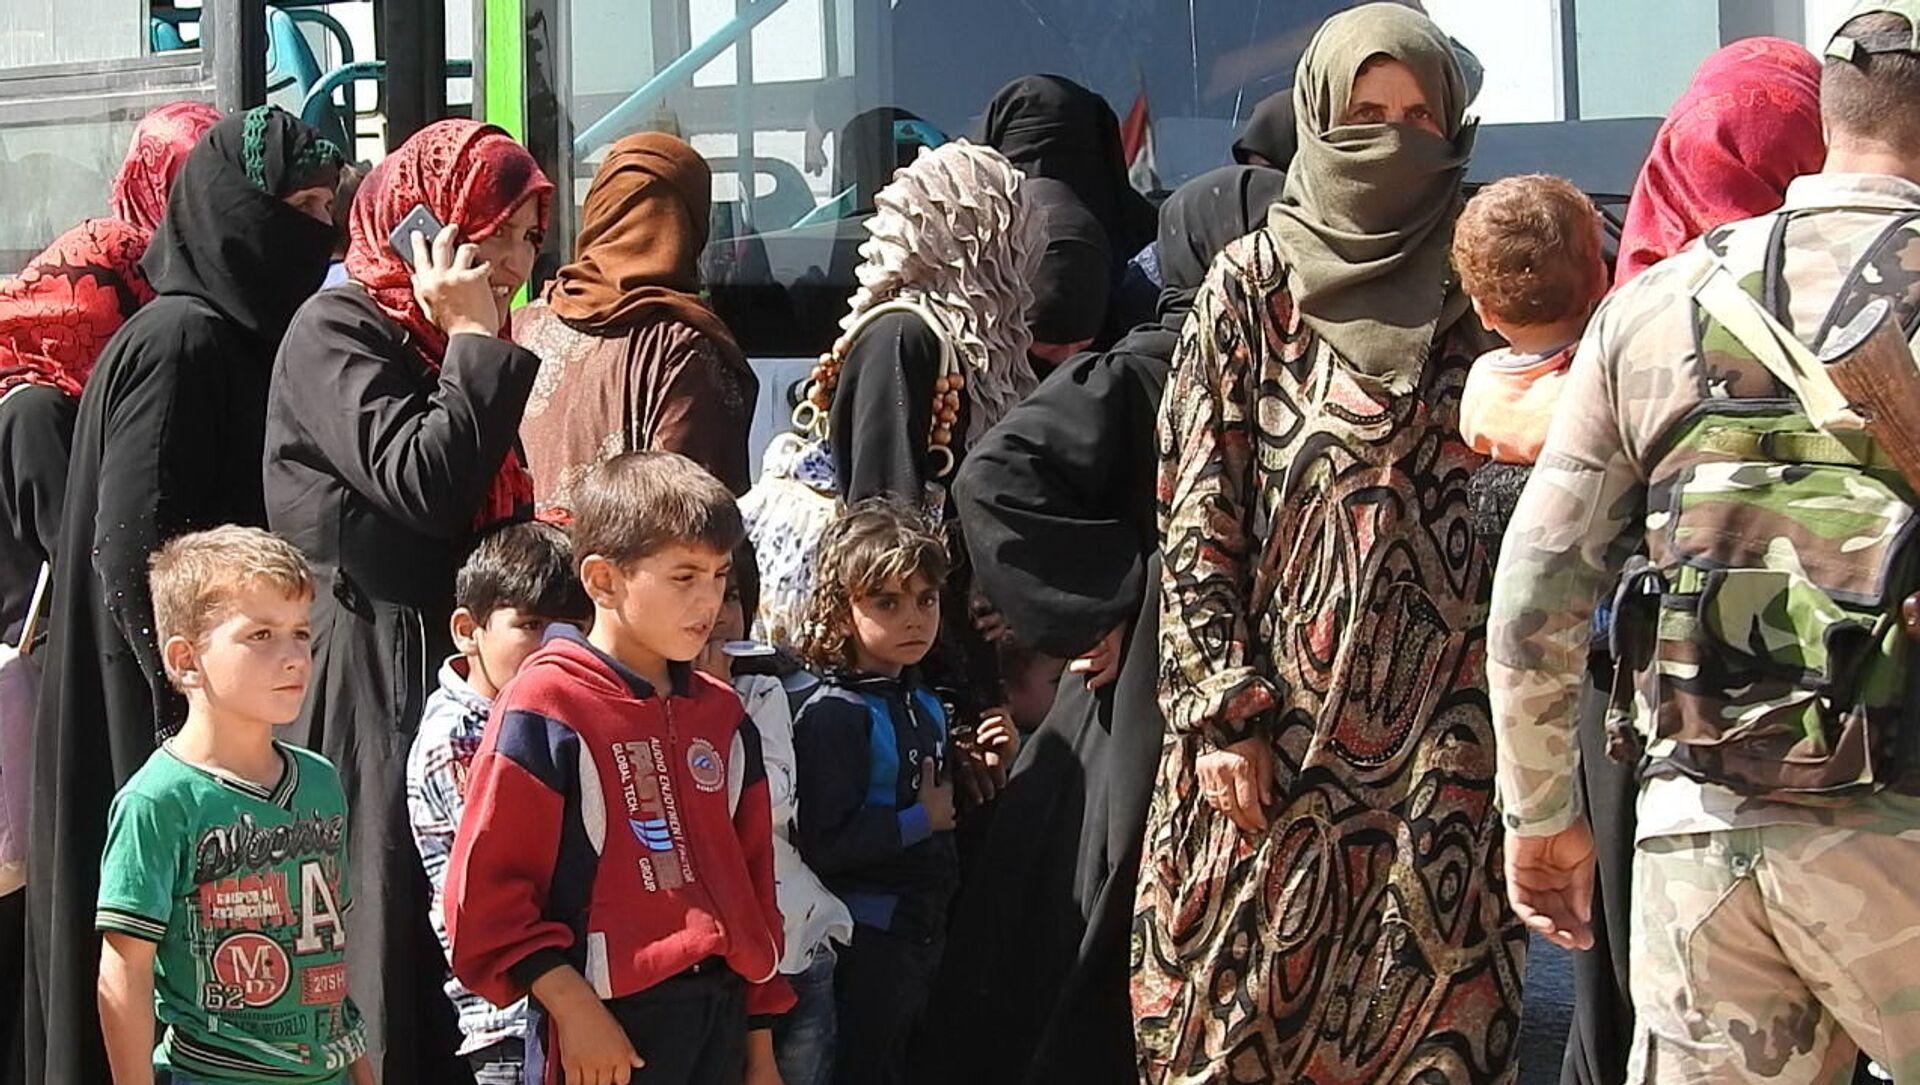 30 gia đình dân thường Syria đã có thể rời khỏi tỉnh Idlib hiện nằm trong vòng kiểm soát của bọn khủng bố. - Sputnik Việt Nam, 1920, 10.06.2021